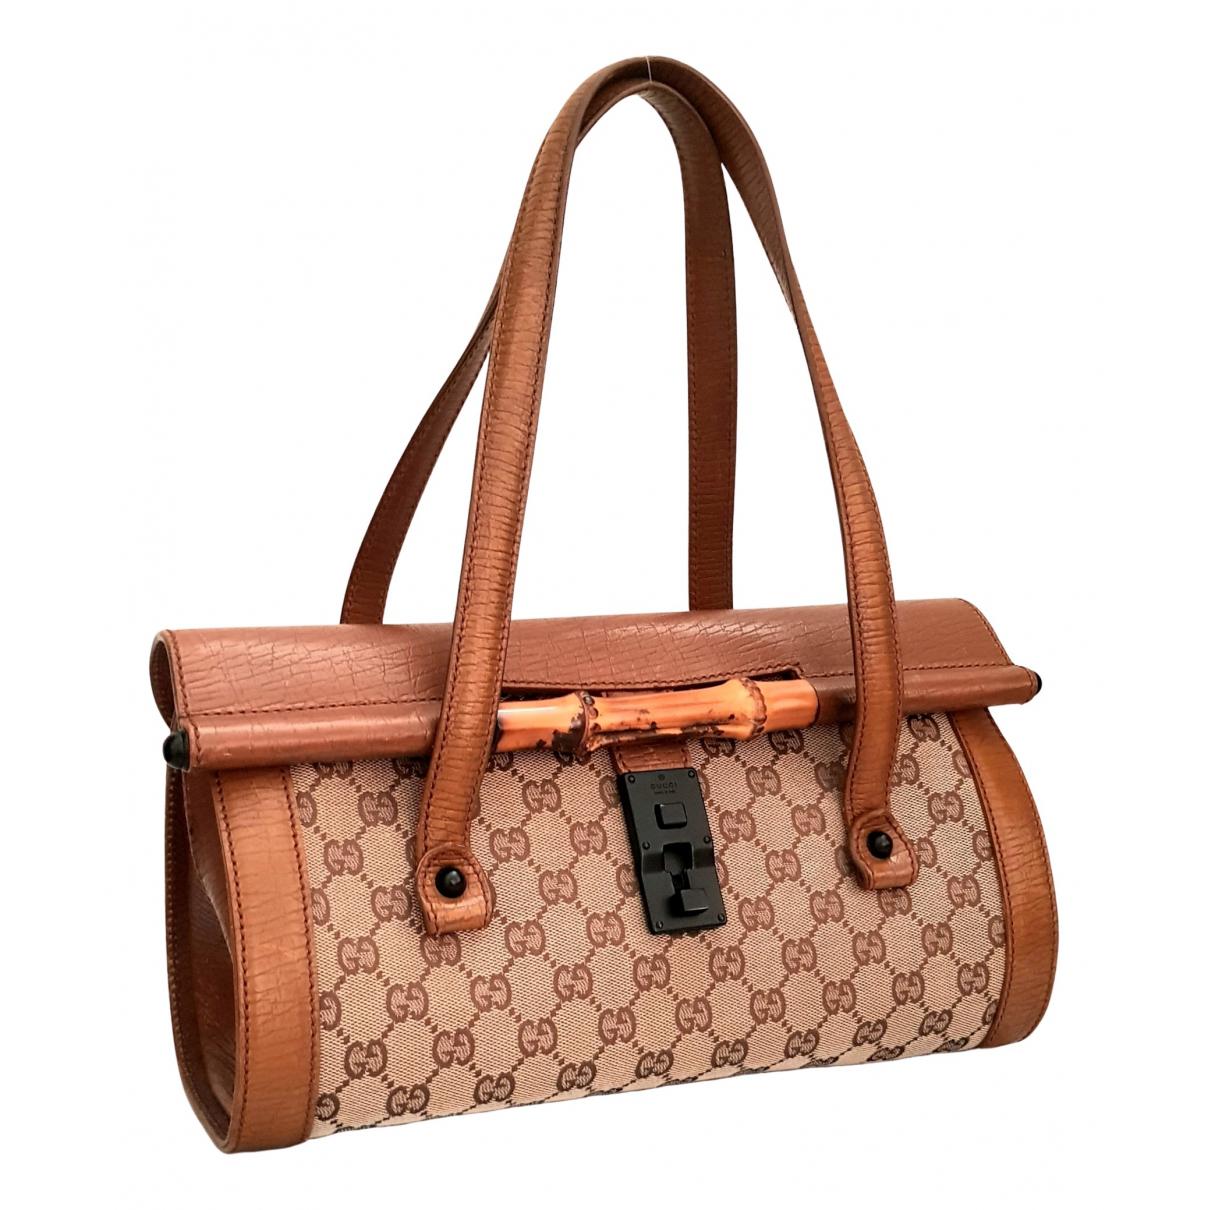 Gucci Bamboo Handtasche in  Braun Leinen